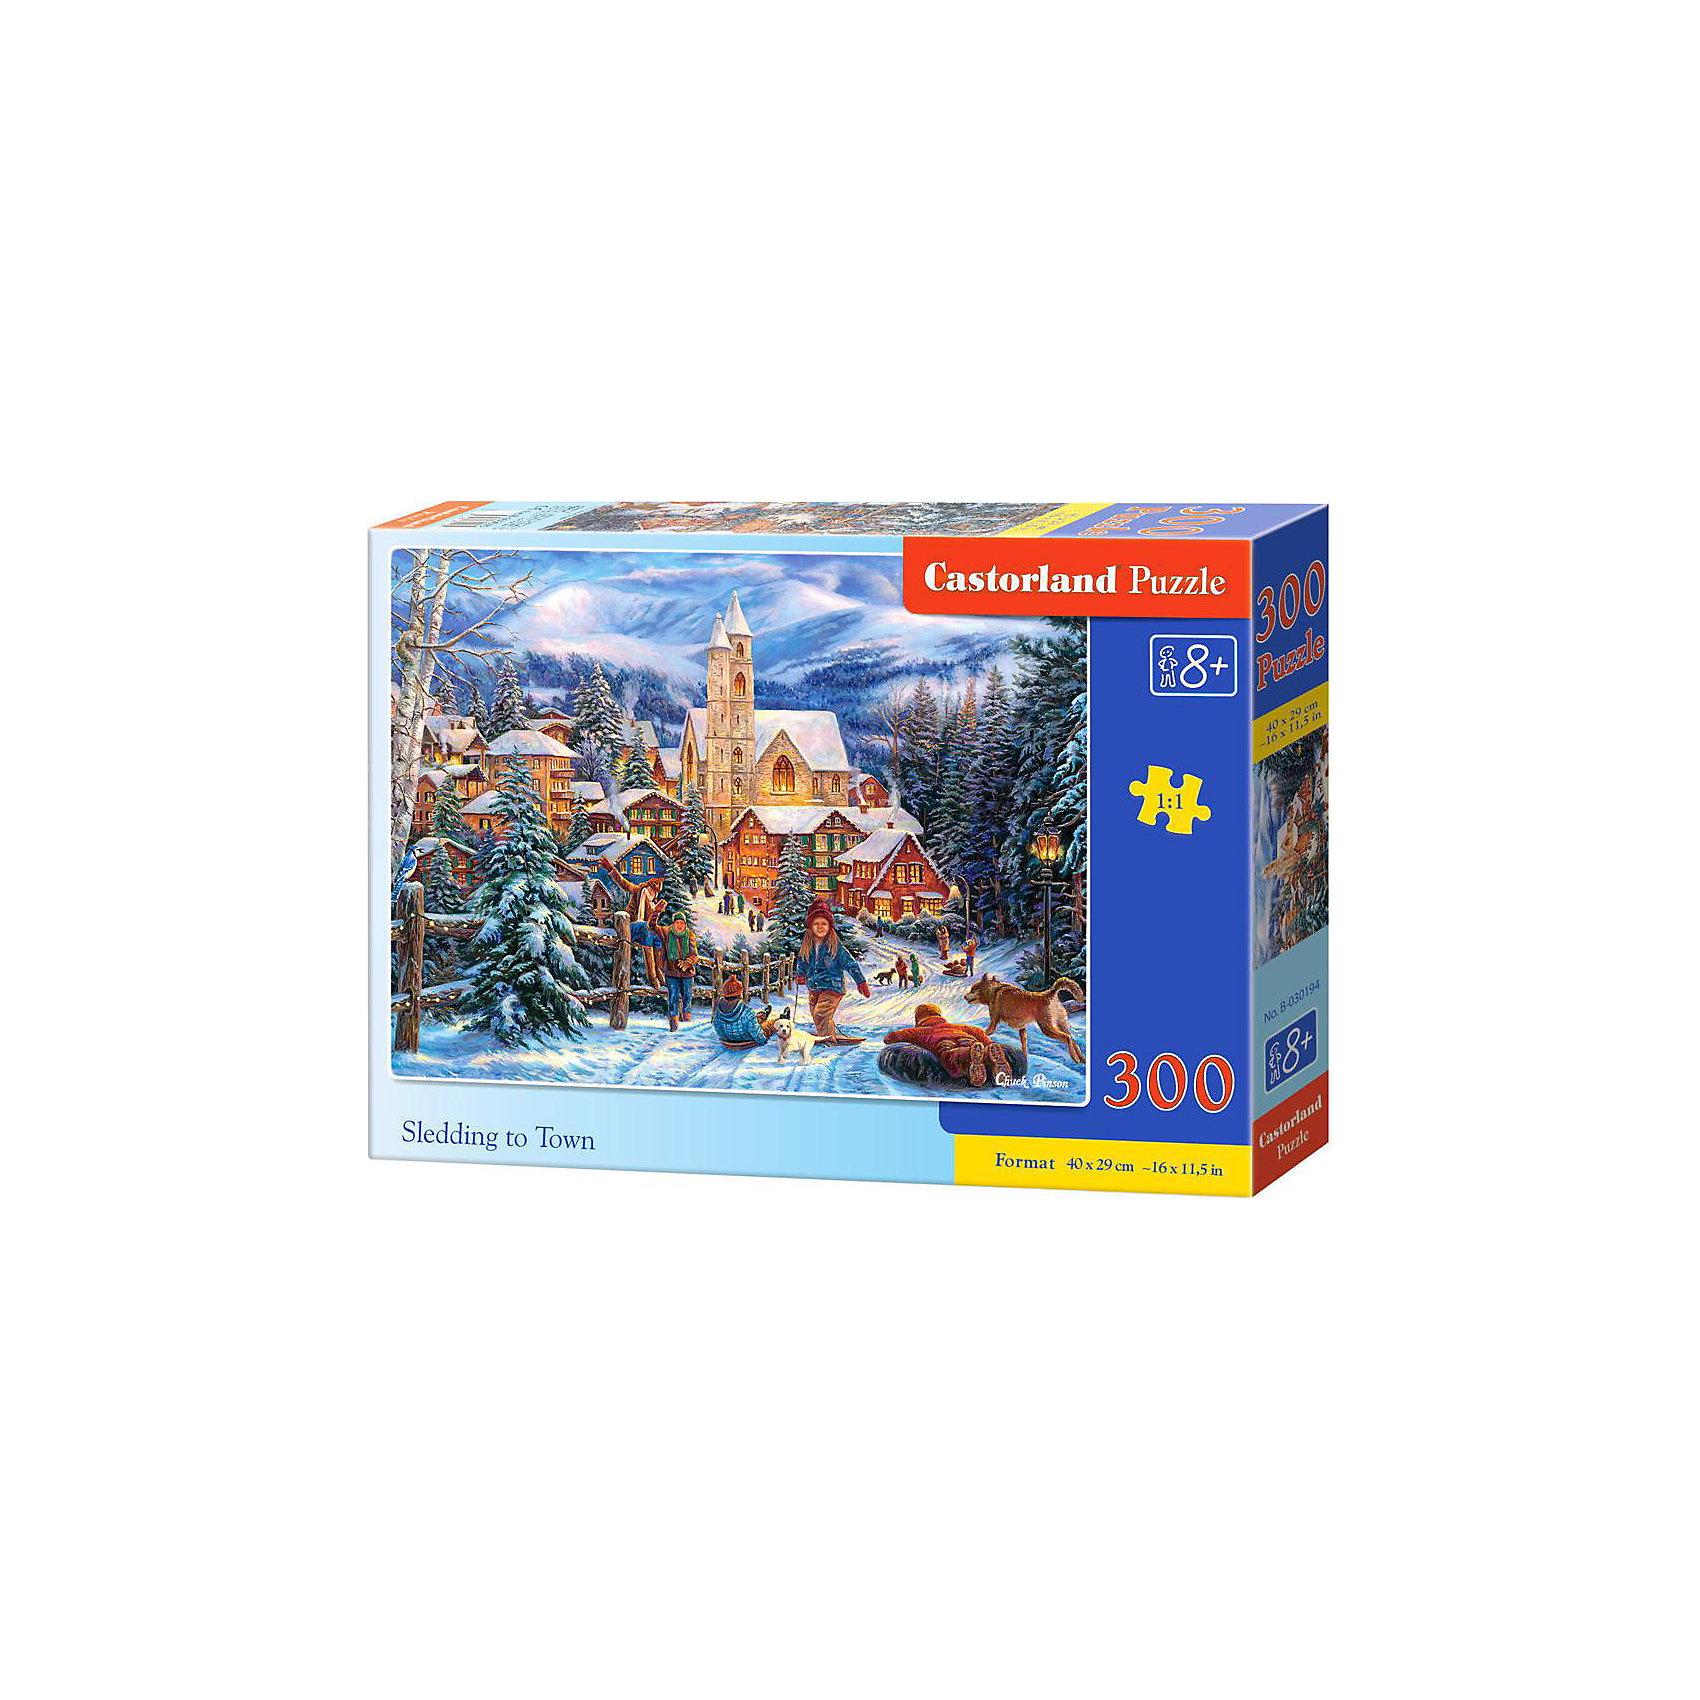 Пазл Снежная горка в городе, 300 деталей, CastorlandПазл Снежная горка в городе, 300 деталей, Castorland, (Касторленд)<br><br>Характеристики:<br><br>• яркие цвета<br>• привлекательная картинка<br>• количество деталей: 300<br>• размер пазла: 40х29 см<br>• размер упаковки: 32,5х22,5х5 см<br>• вес: 305 грамм<br>• материал: картон<br><br>Пазлы от Касторленд помогут развить логическое мышление, пространственное ориентирование и мелкую моторику ребенка. Пазлы изготовлены из плотного картона. Детали хорошо соединяются и устойчивы к повреждениям и выцветанию. Готовая картинка с изображением веселого катания с горки порадует вашего малыша!<br><br>Пазл Снежная горка в городе, 300 деталей, Castorland, (Касторленд) можно купить в нашем интернет-магазине.<br><br>Ширина мм: 320<br>Глубина мм: 47<br>Высота мм: 220<br>Вес г: 300<br>Возраст от месяцев: 84<br>Возраст до месяцев: 2147483647<br>Пол: Унисекс<br>Возраст: Детский<br>SKU: 5244651